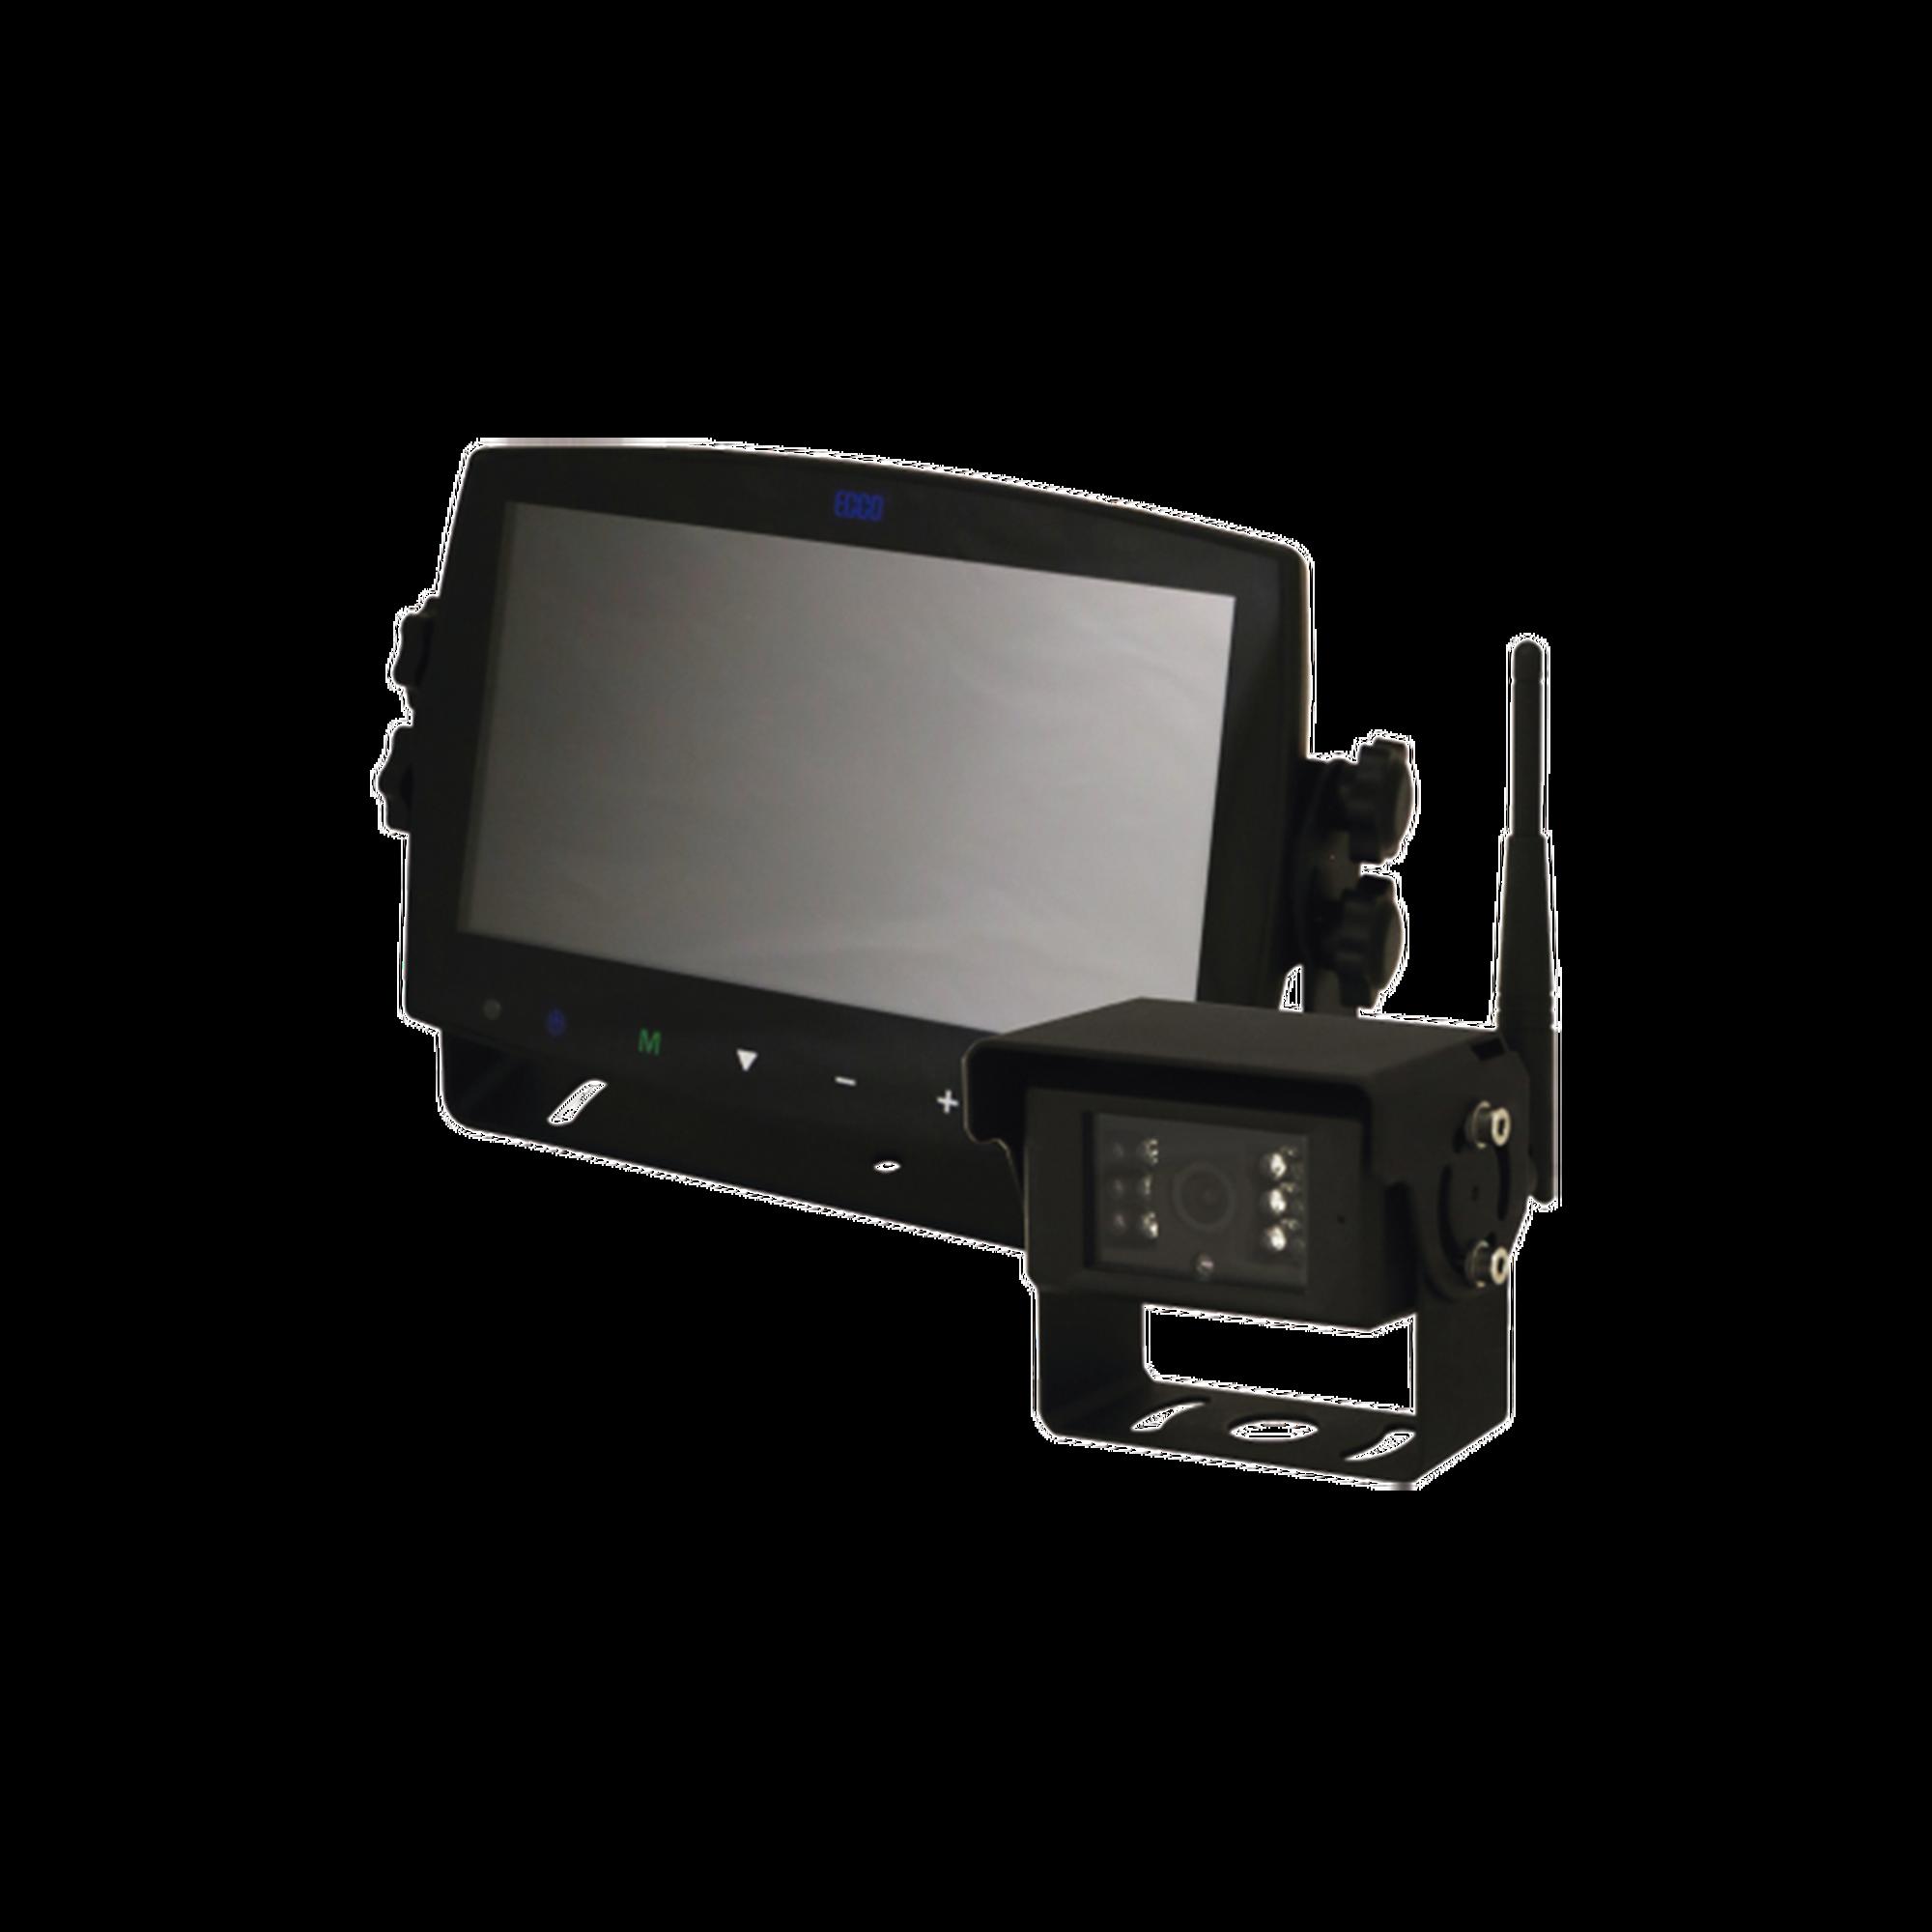 Sistema inlambrico con camara infraroja y monitor de 7 tactil